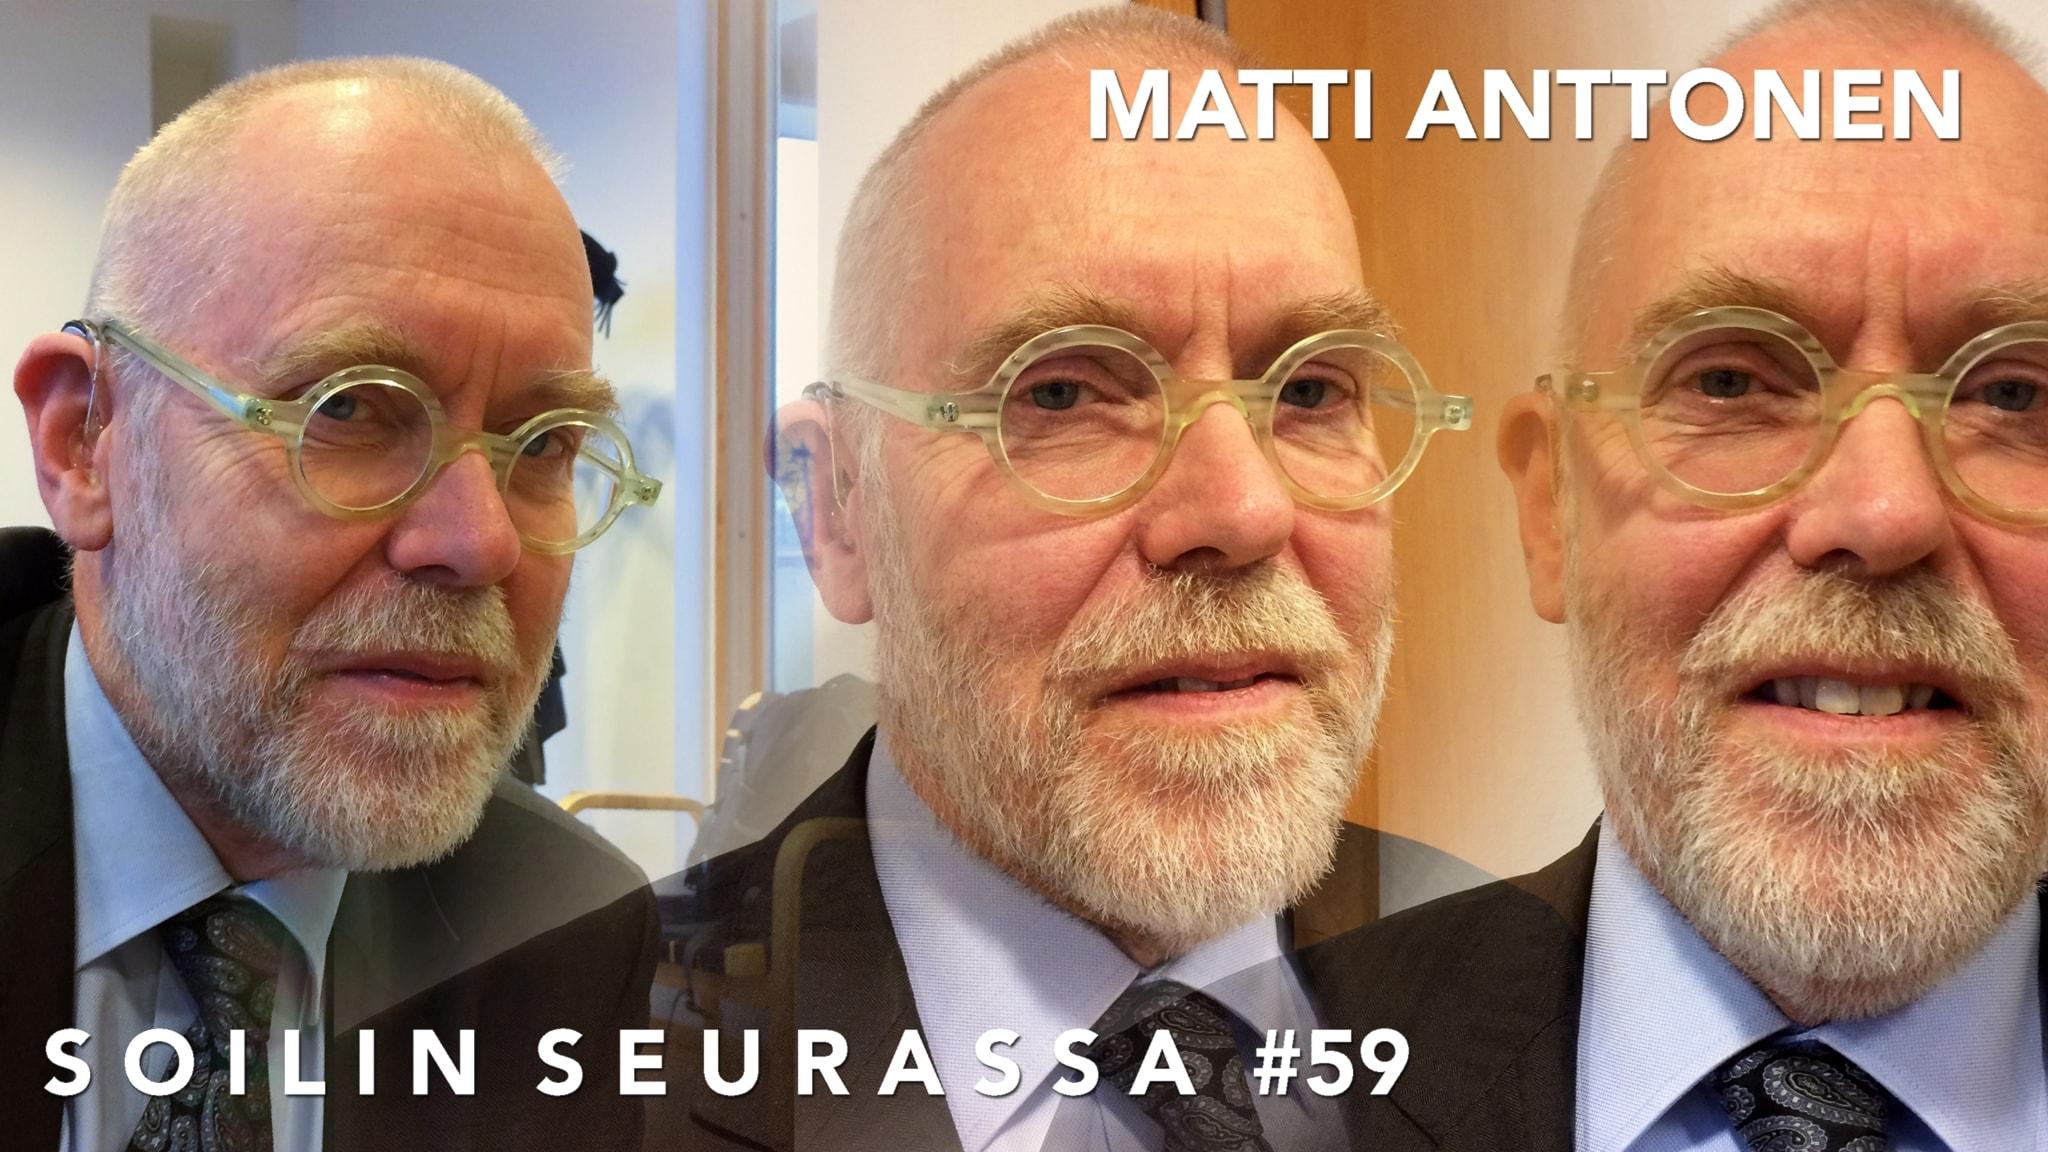 Soilin seurassa suurlähettiläs Matti Anttonen. Venäjän-vuosien muistelua ja nykypäivän arviointia suurella sydämellä ja huumorilla.